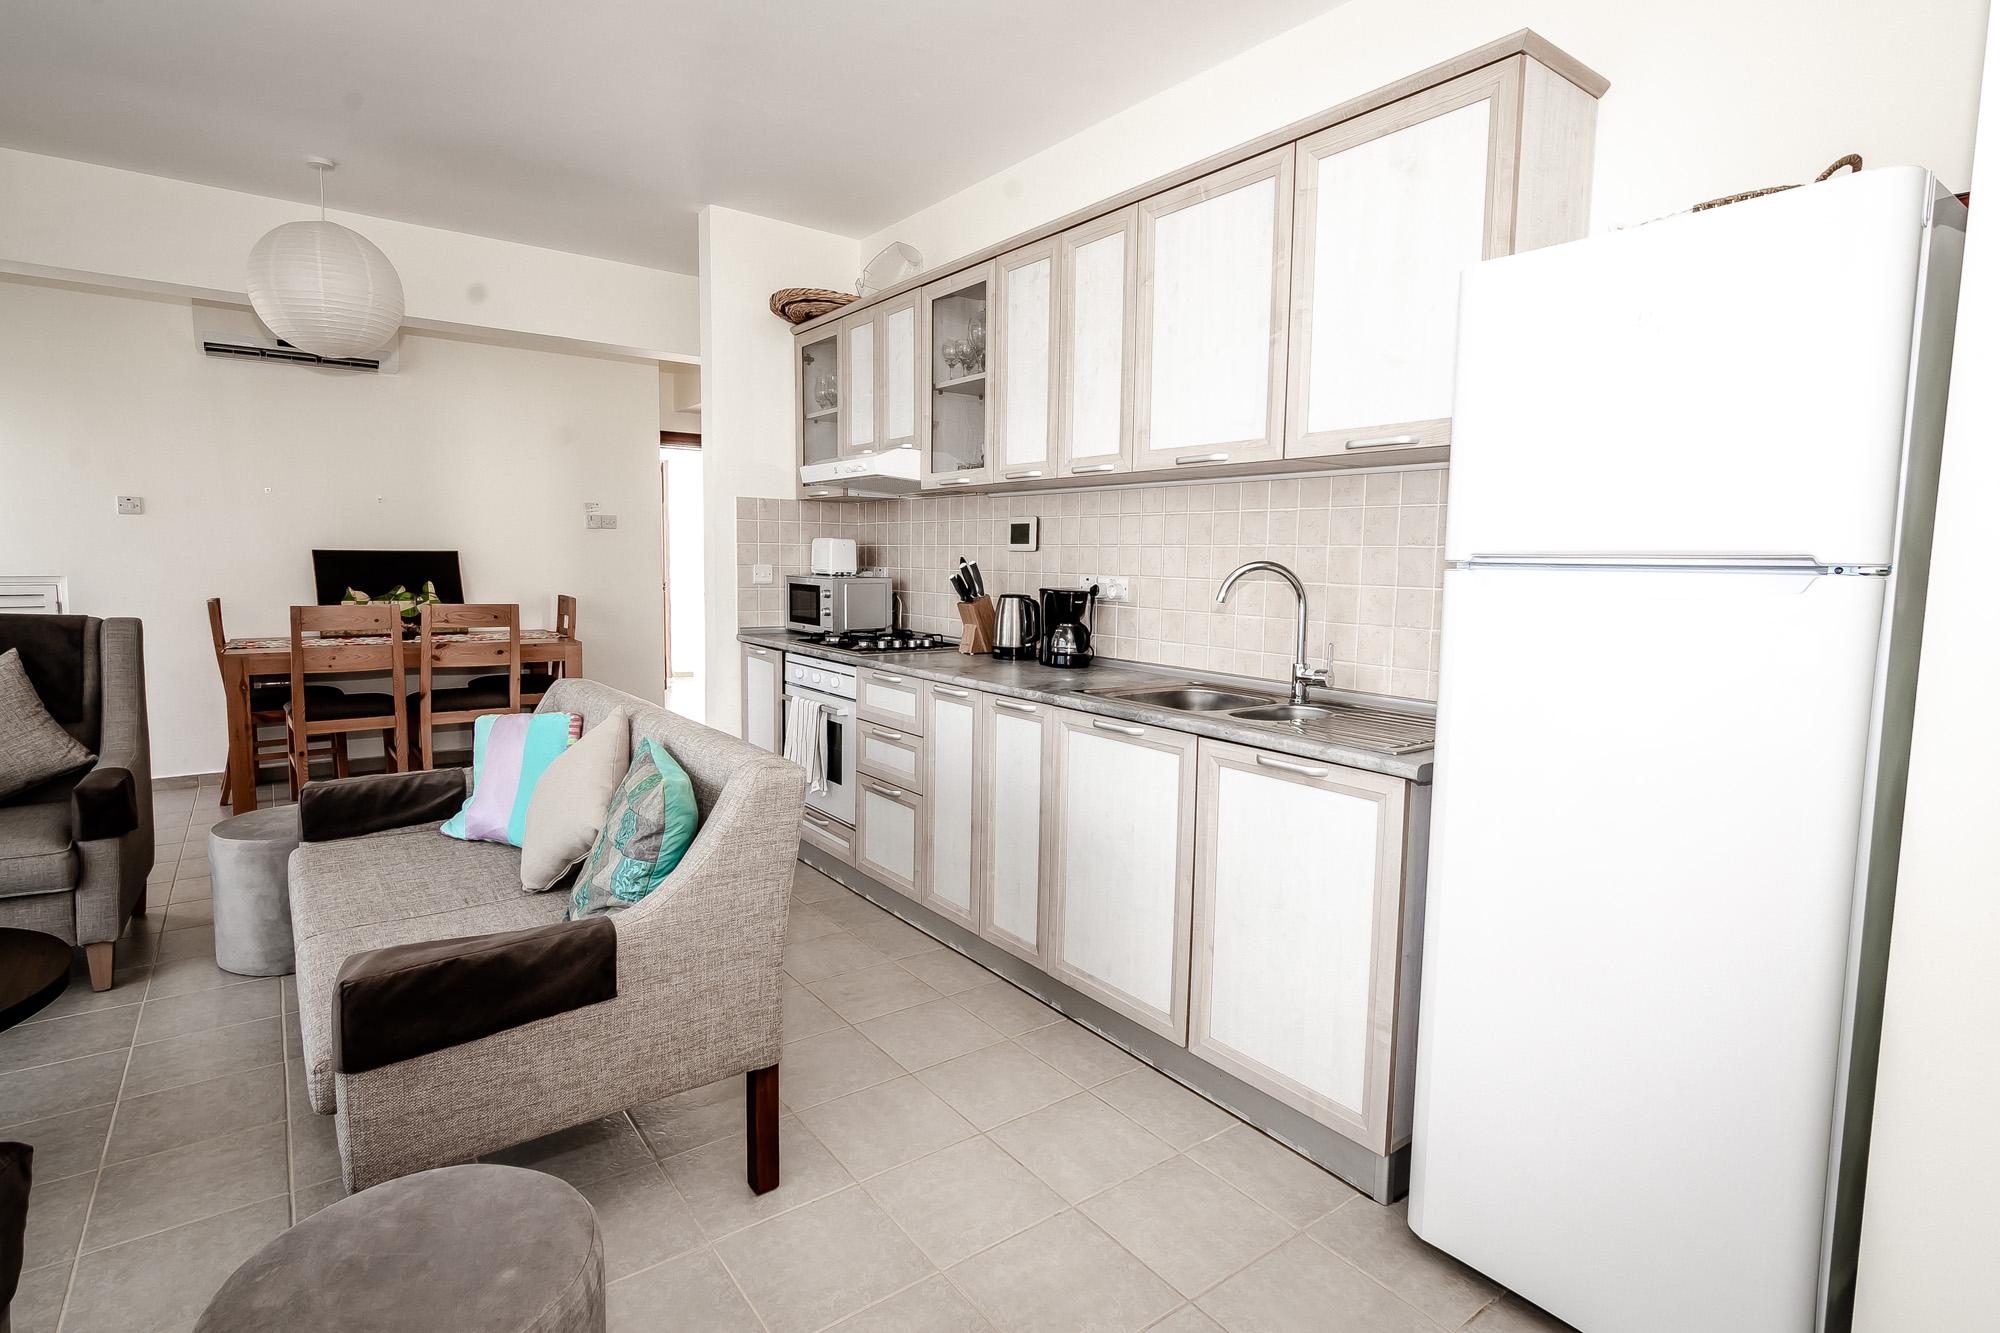 Apartment Joya Cyprus Moonlit Penthouse Apartment photo 19989120